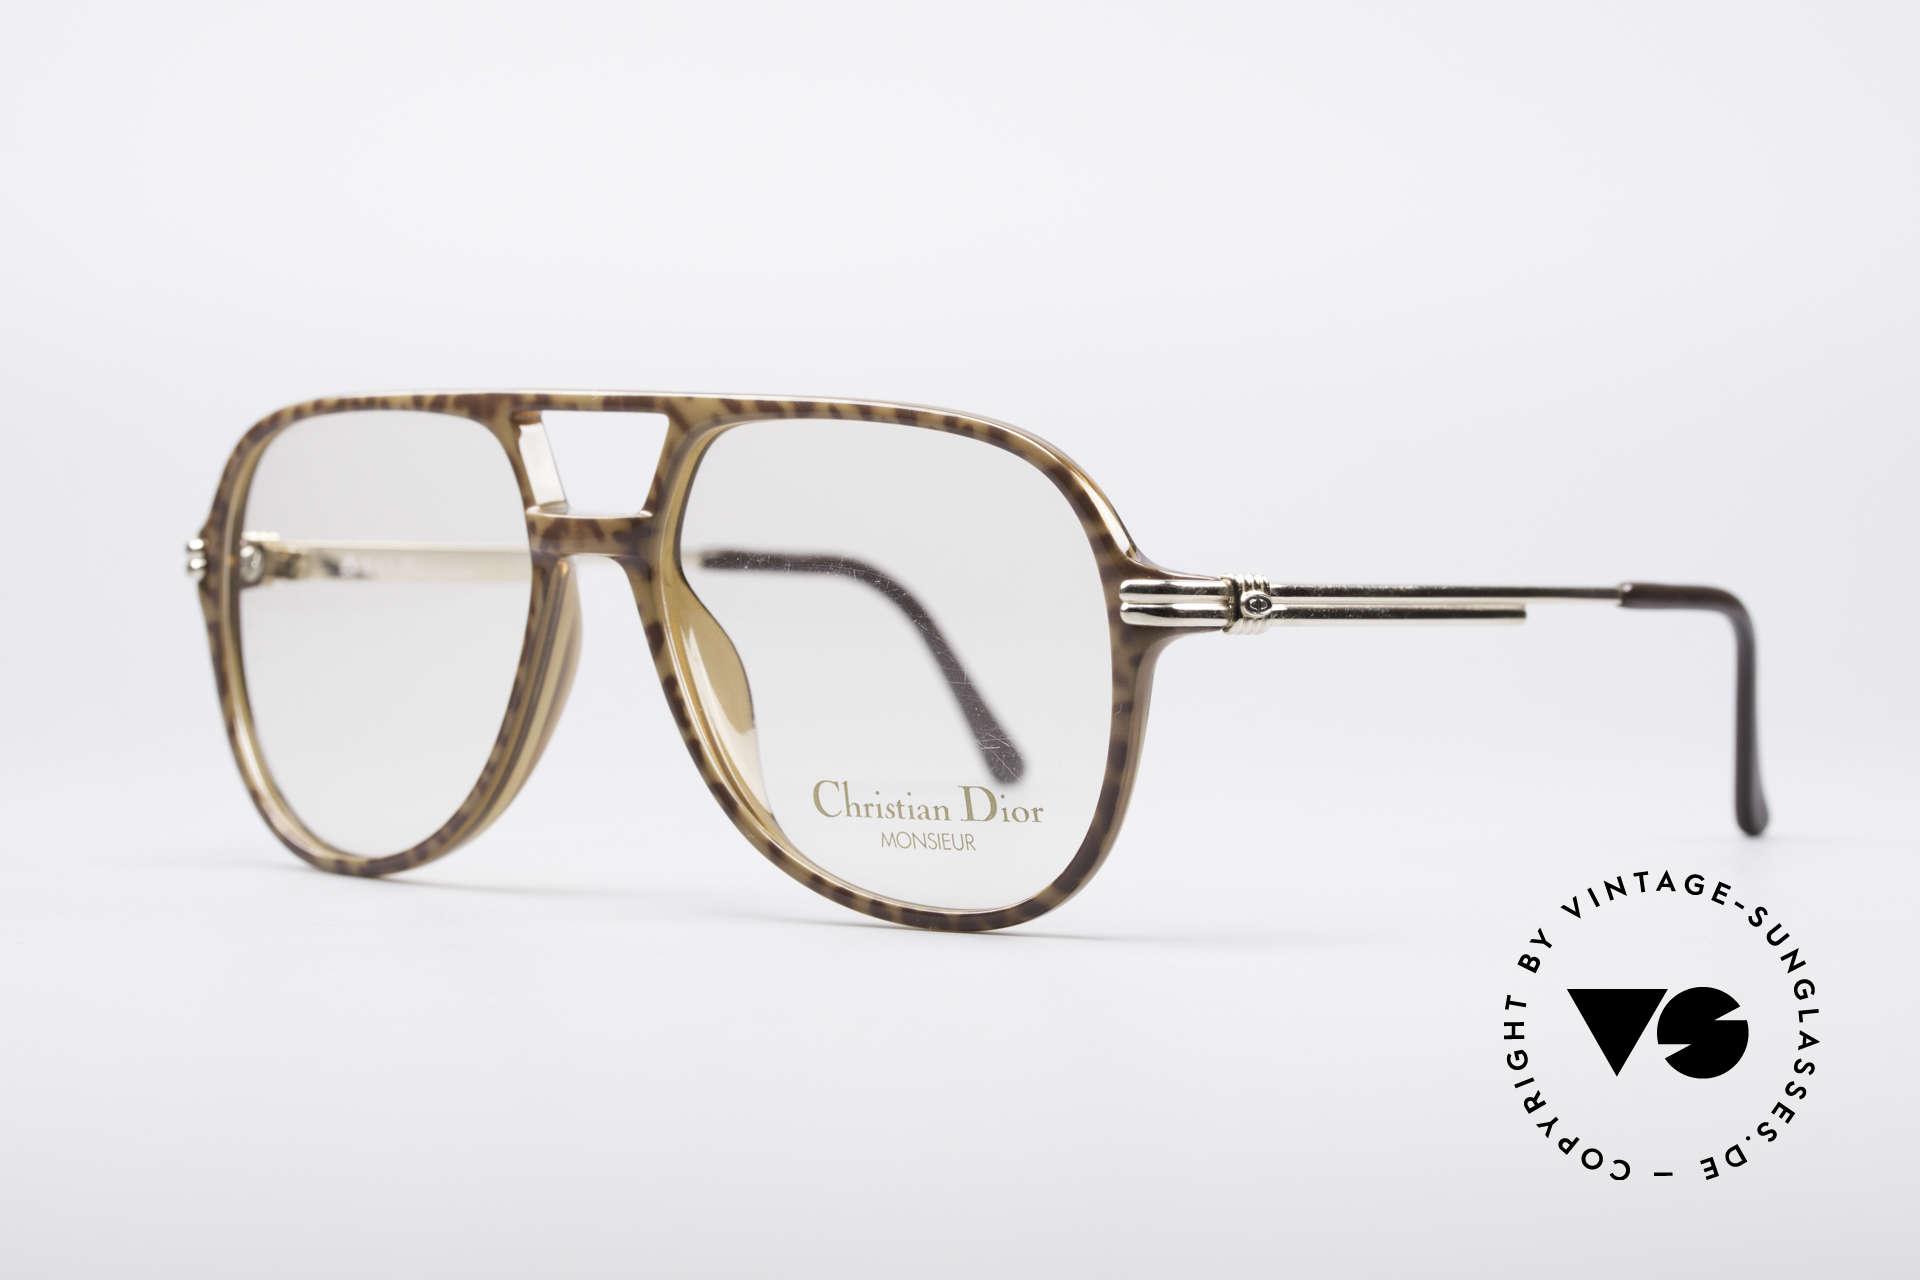 Christian Dior 2301 80er Optyl Brille Monsieur, karamell-braune Front aus leichtem Optyl-Material, Passend für Herren